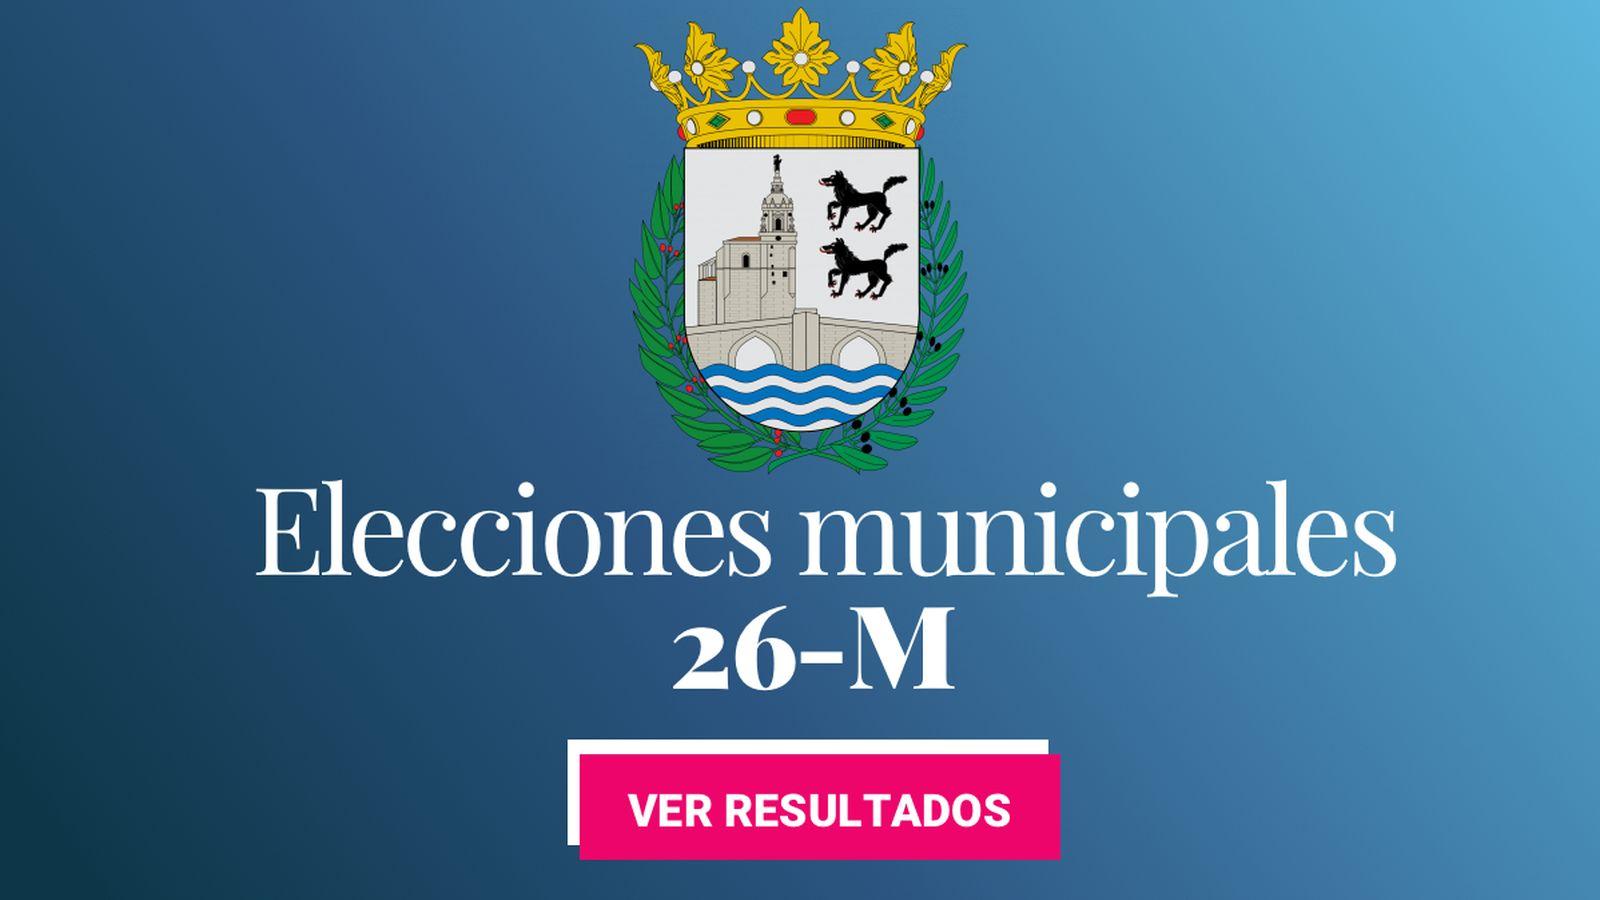 Foto: Elecciones municipales 2019 en Bilbao. (C.C./EC)